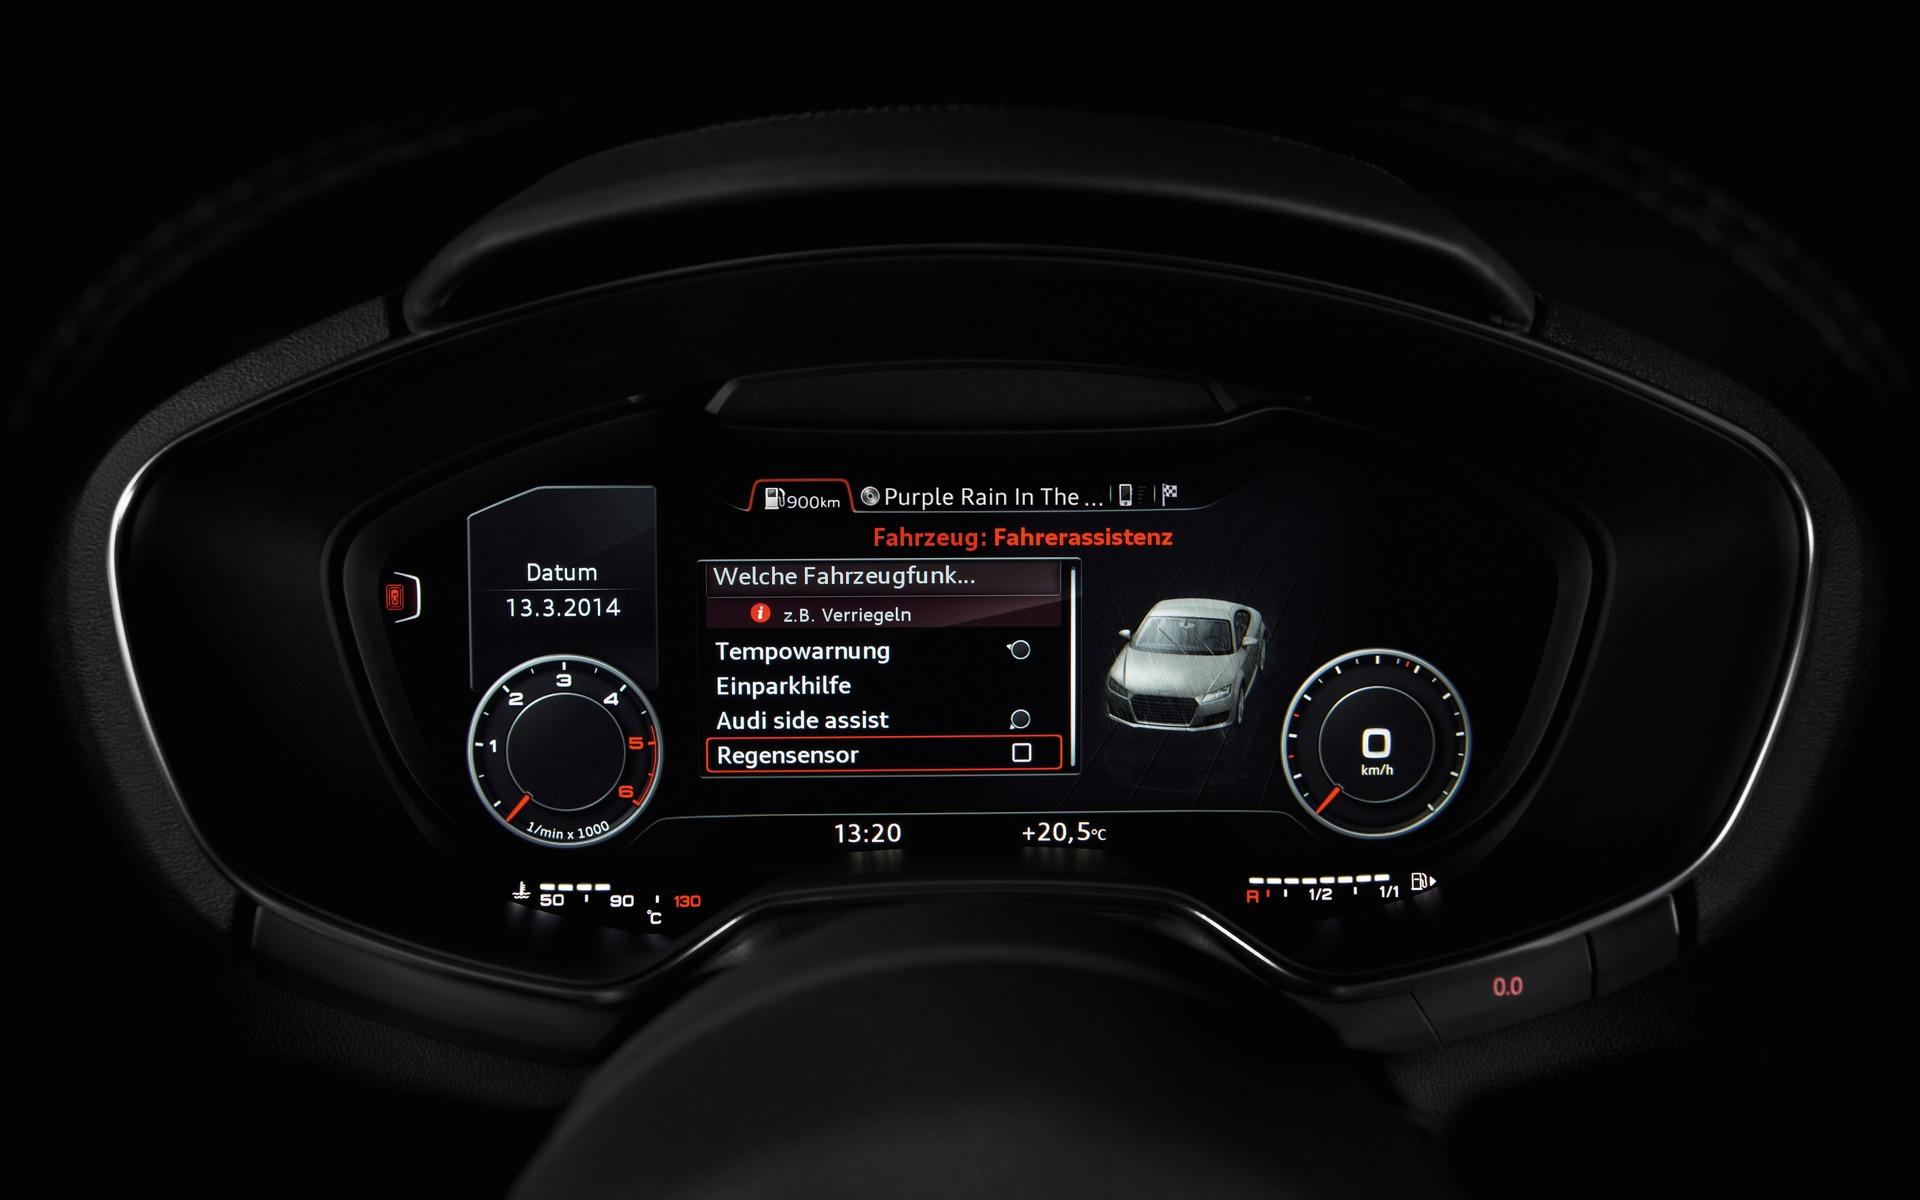 Le Cockpit Virtuel D Audi Nouvelle Approche 7 11